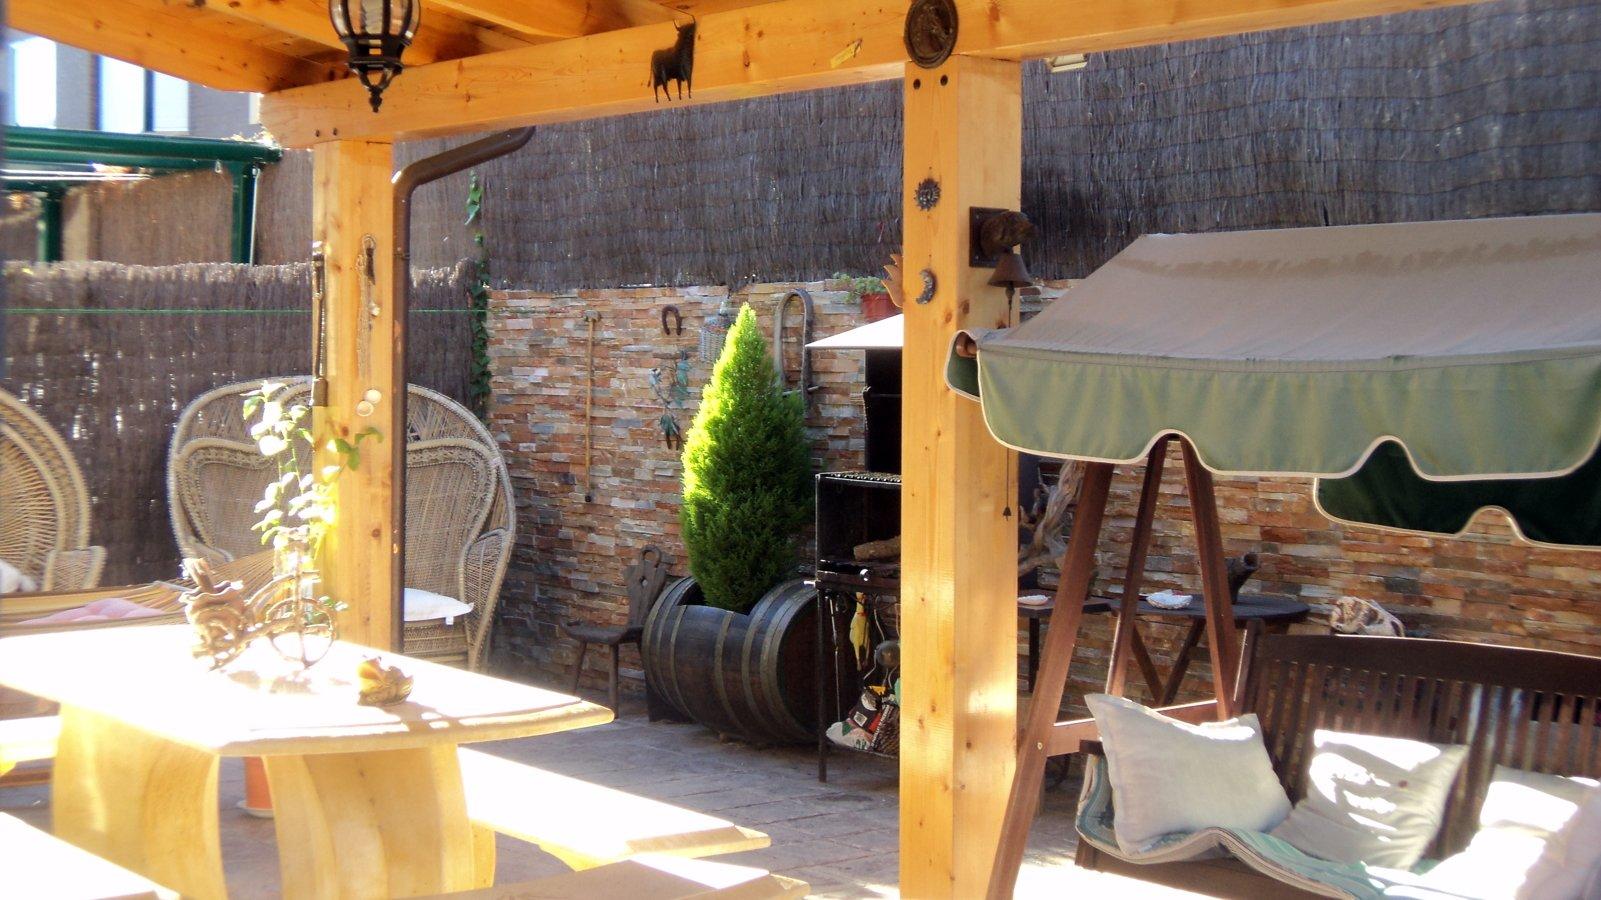 Foto realizacion de porches de madera de obras el paleta - Construccion de porche de madera ...